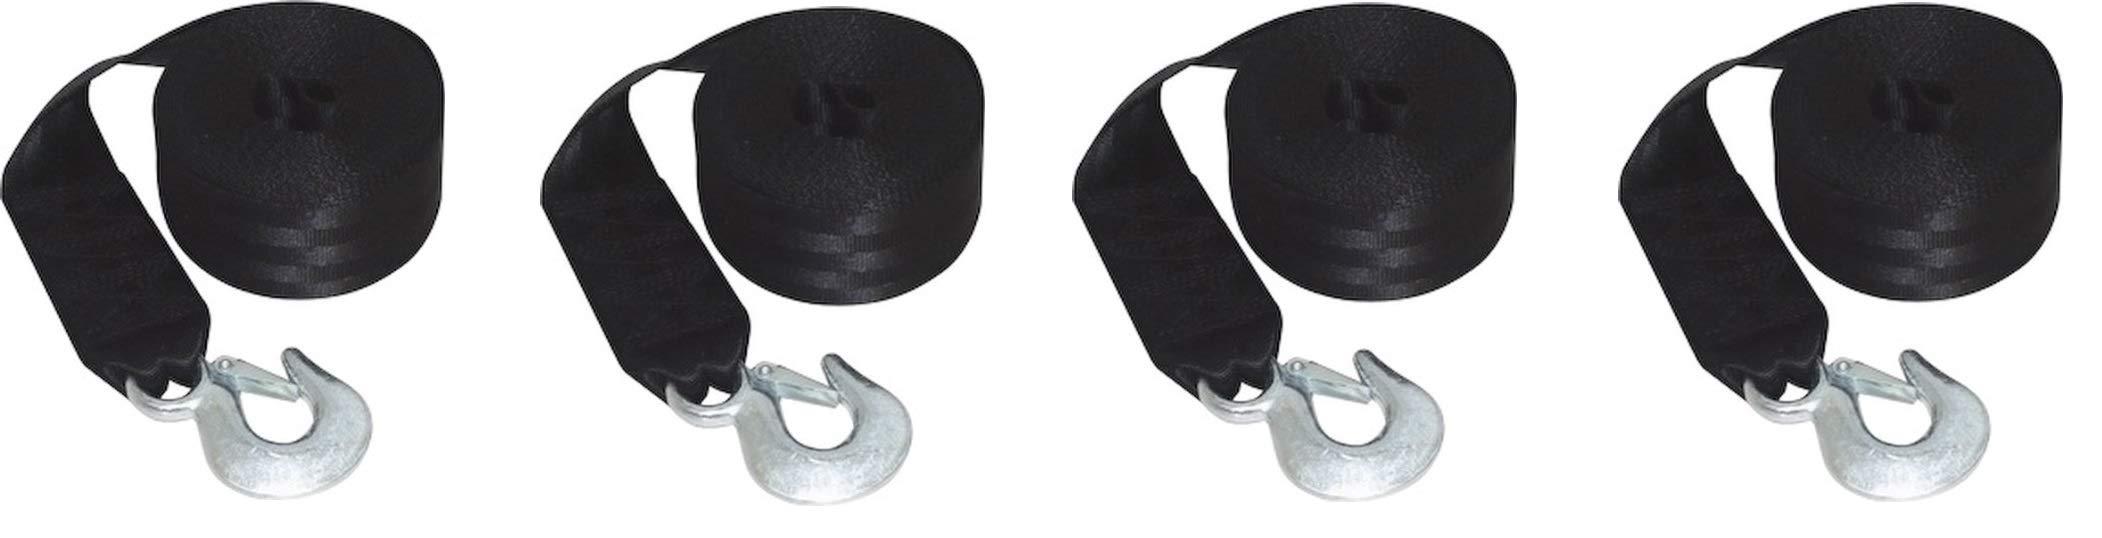 SeaSense Heavy Duty Winch Strap, 24-Foot (Pack of 4) by SeaSense